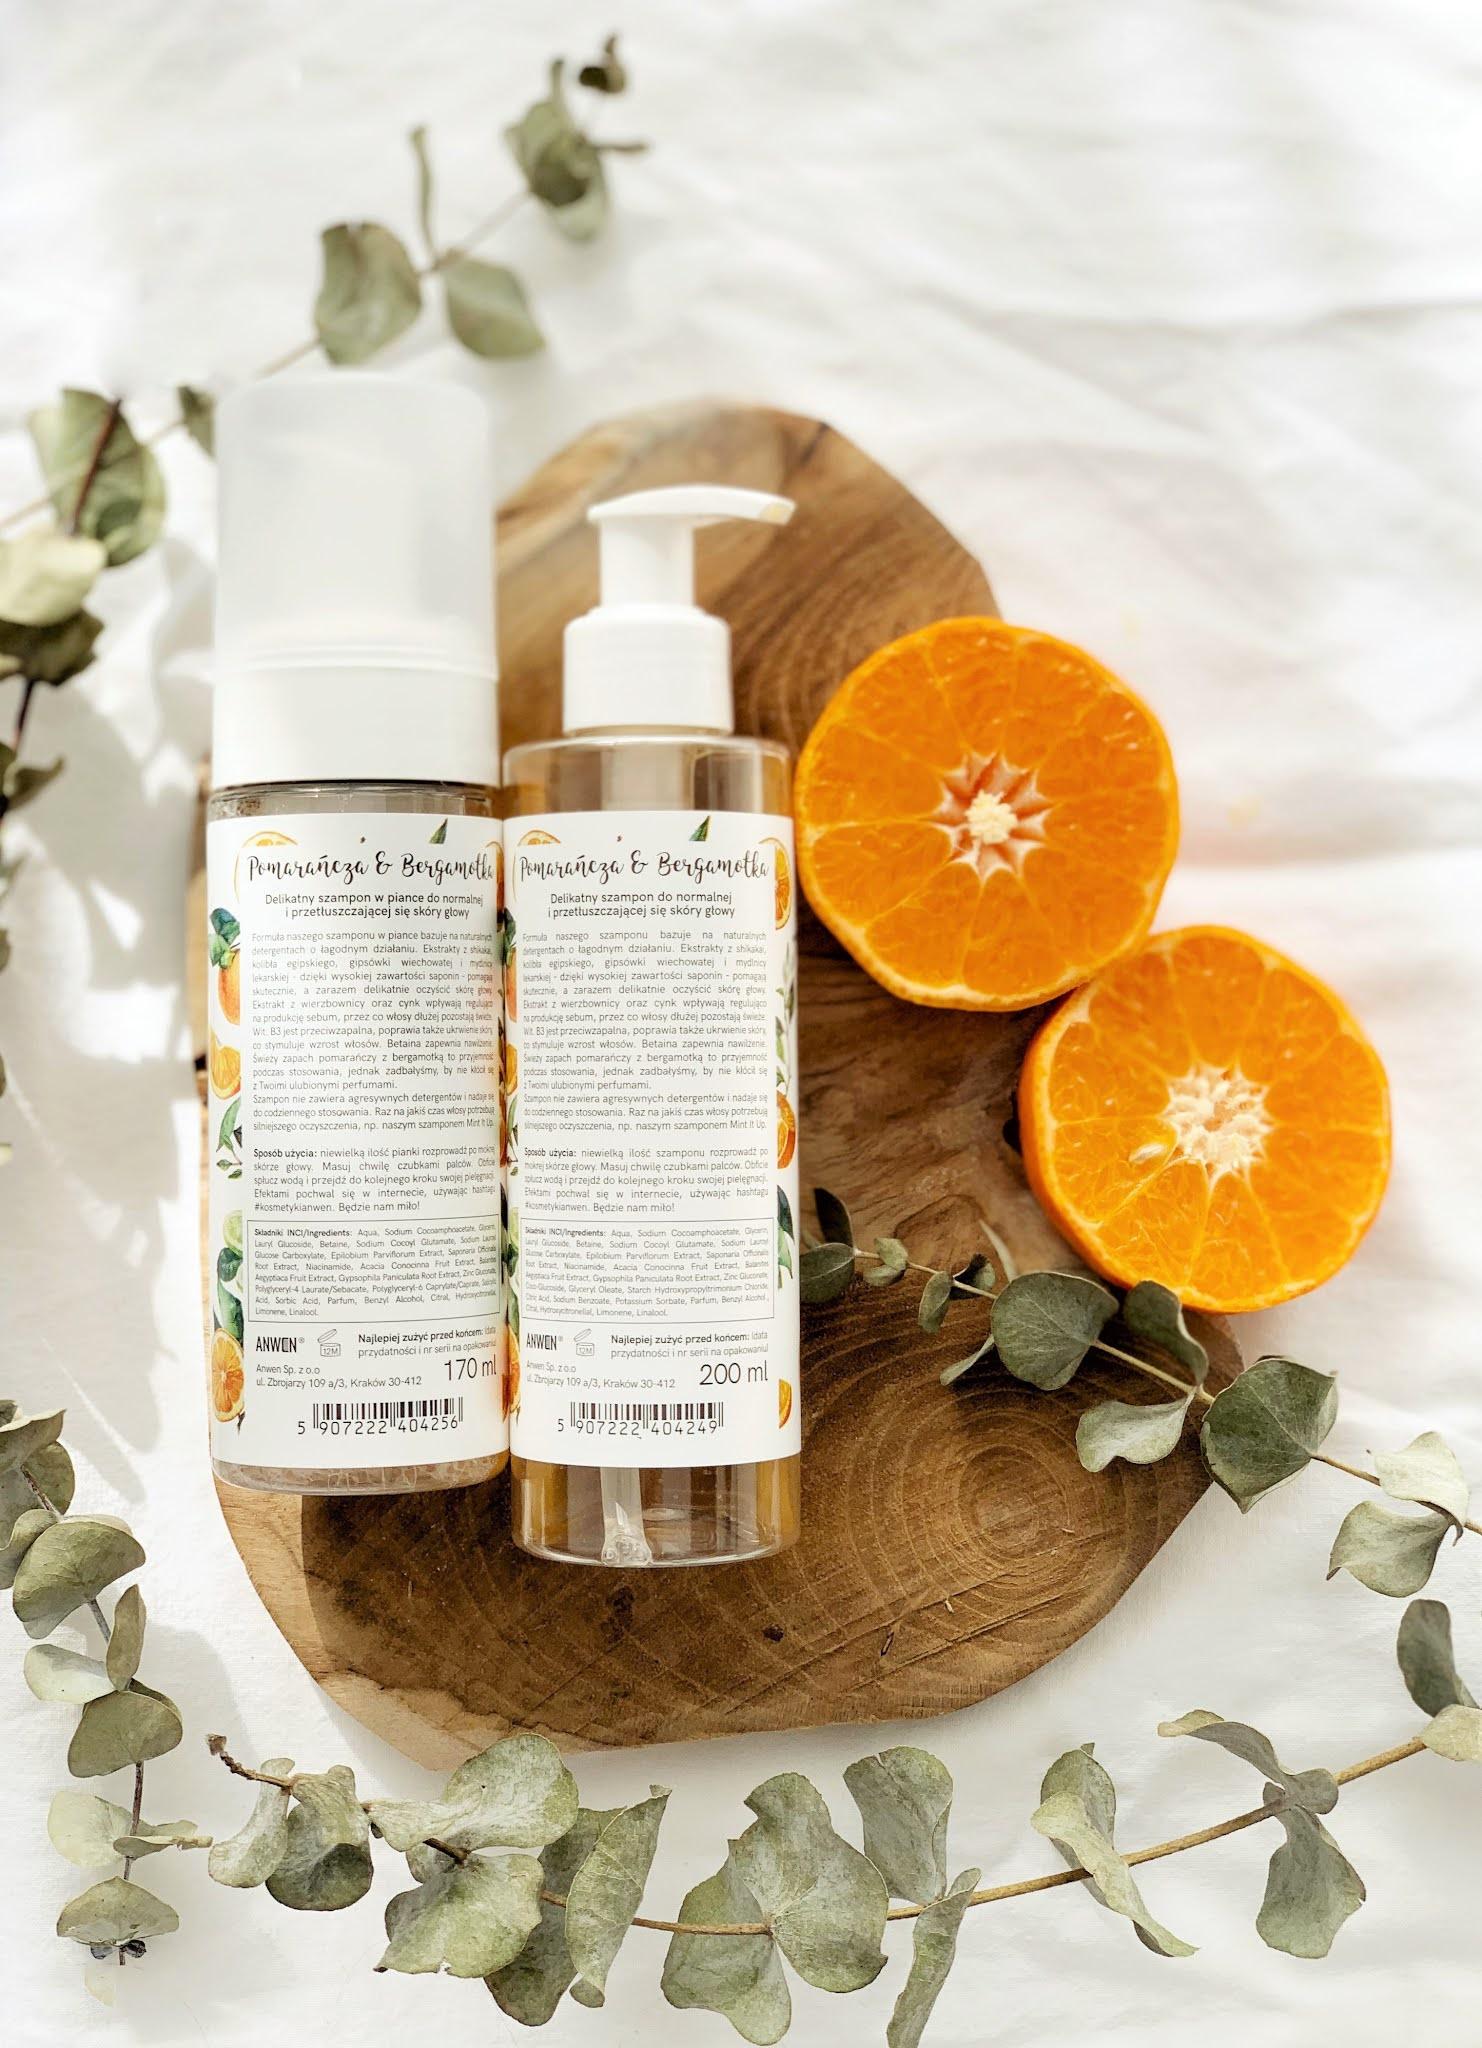 szampon-pomarancza-i-bergamotka-do-normalnej-i-przetluszczajacej-się-skory-glowy-Anwen